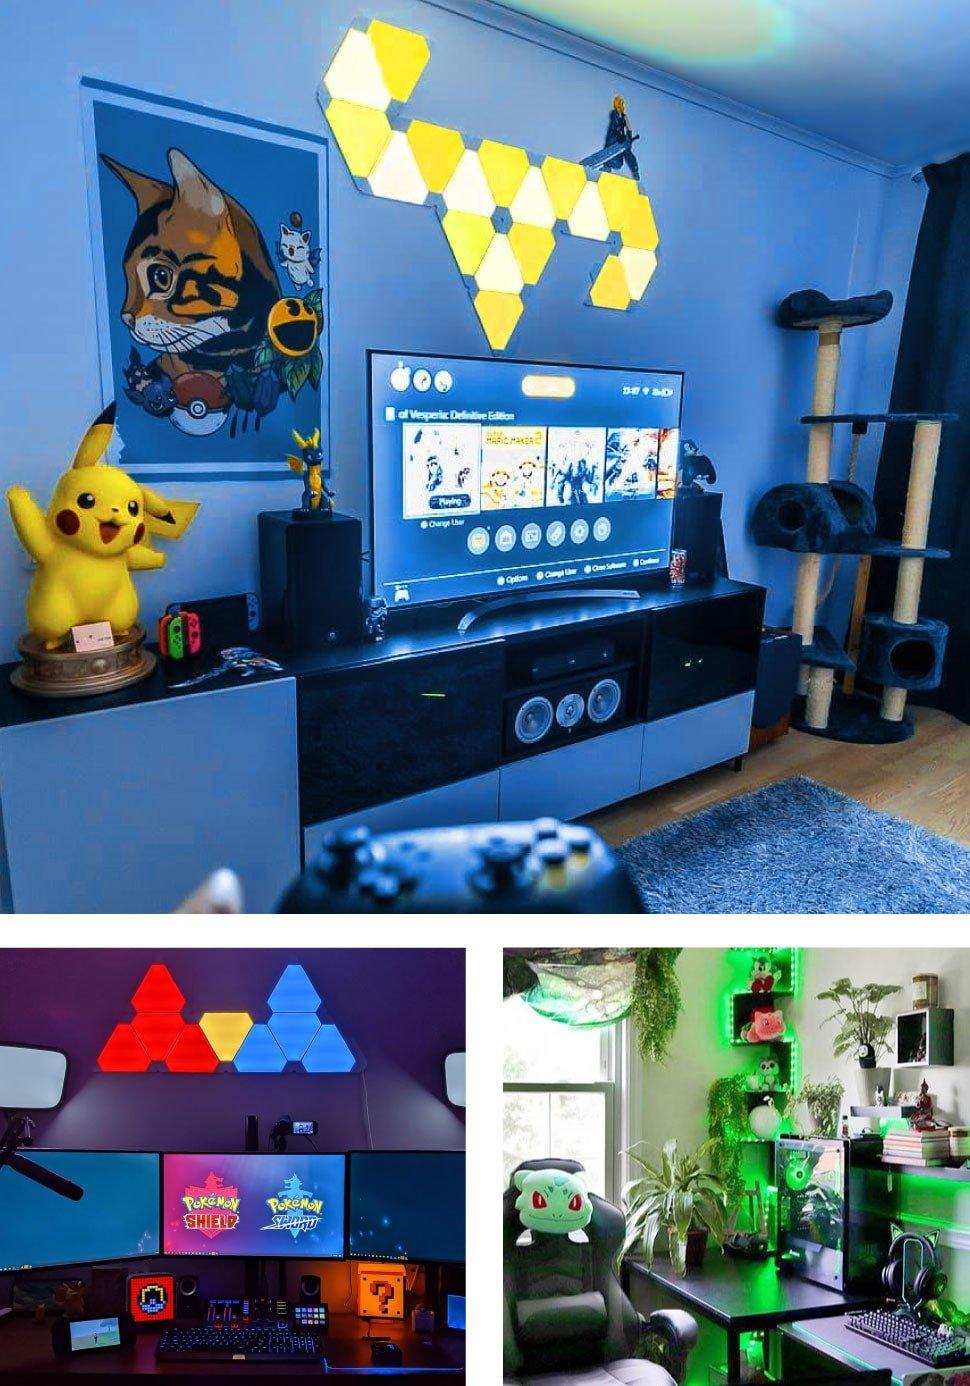 Nintendo Gaming theme